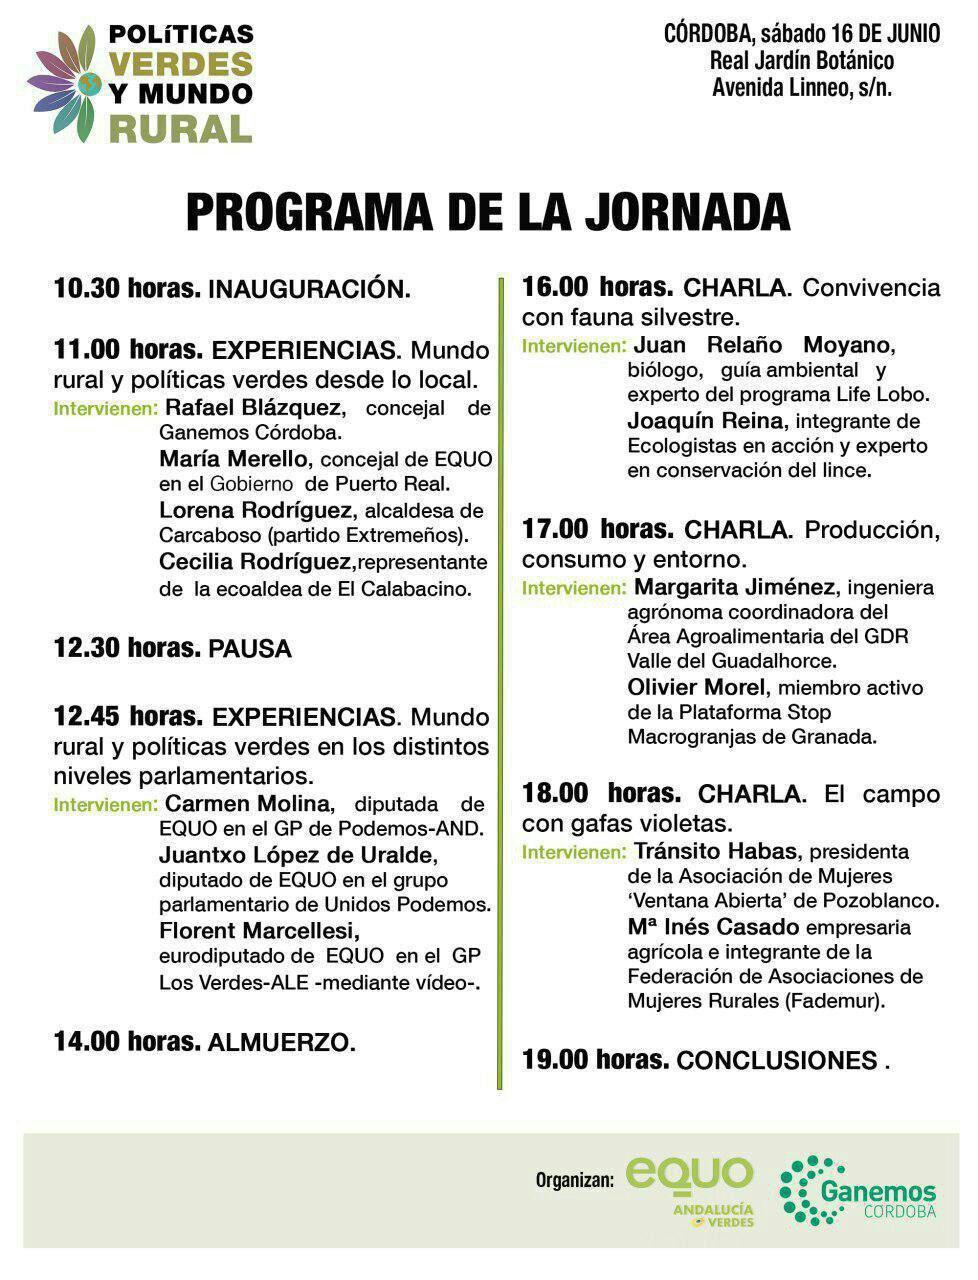 Jornadas Políticas Verdes y Mundo Rural